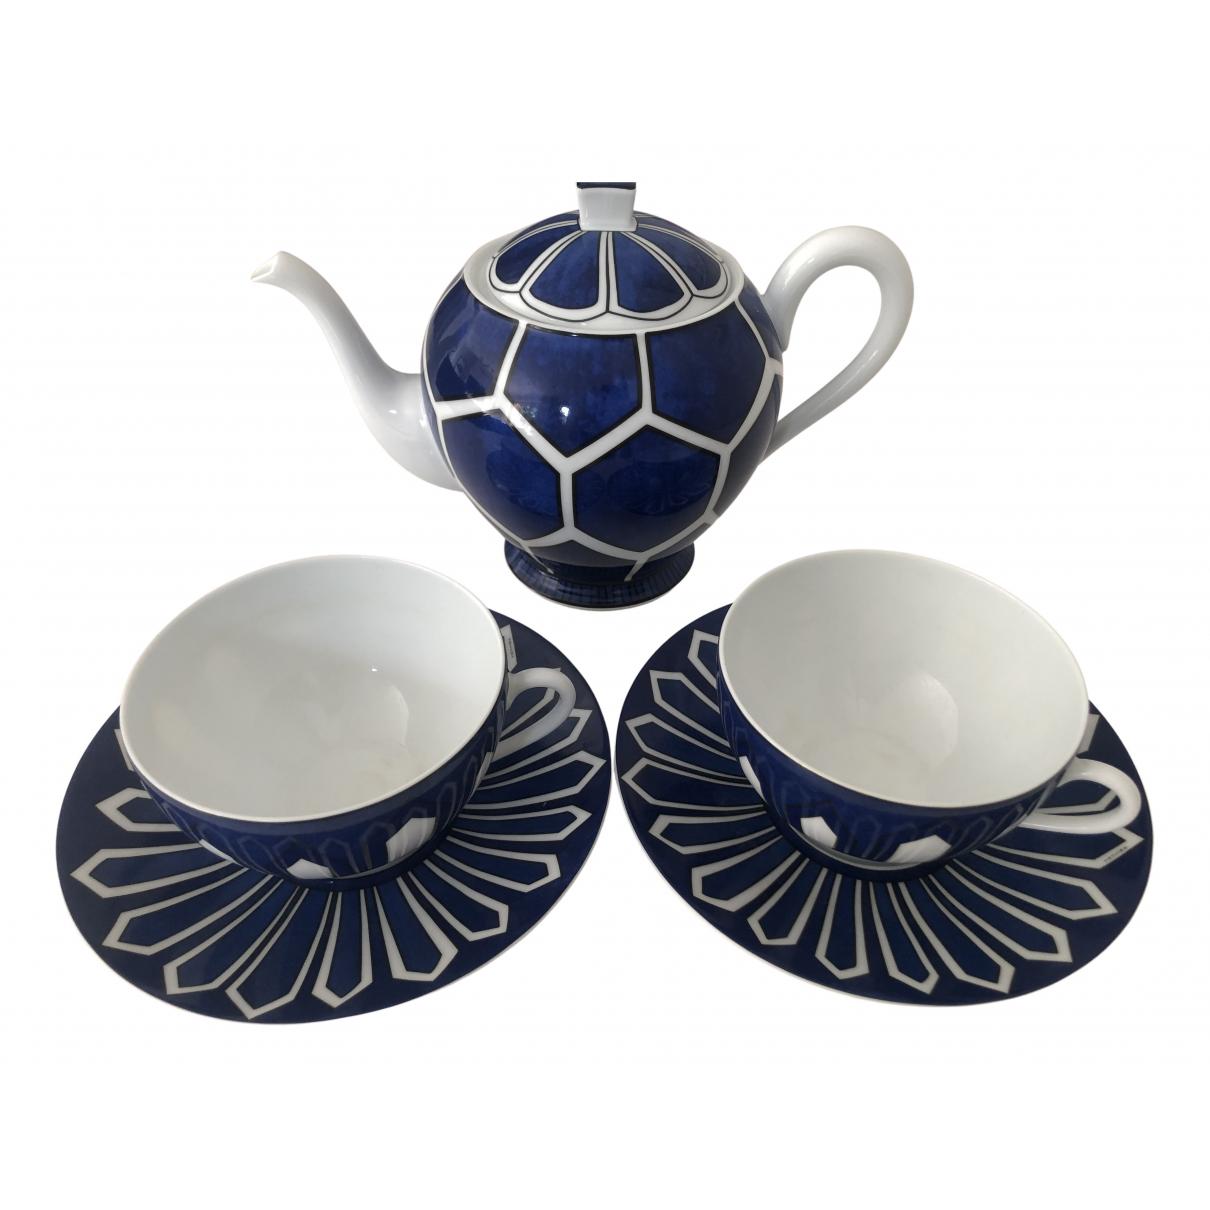 Juego de te/cafe Bleus dailleurs de Porcelana Hermes